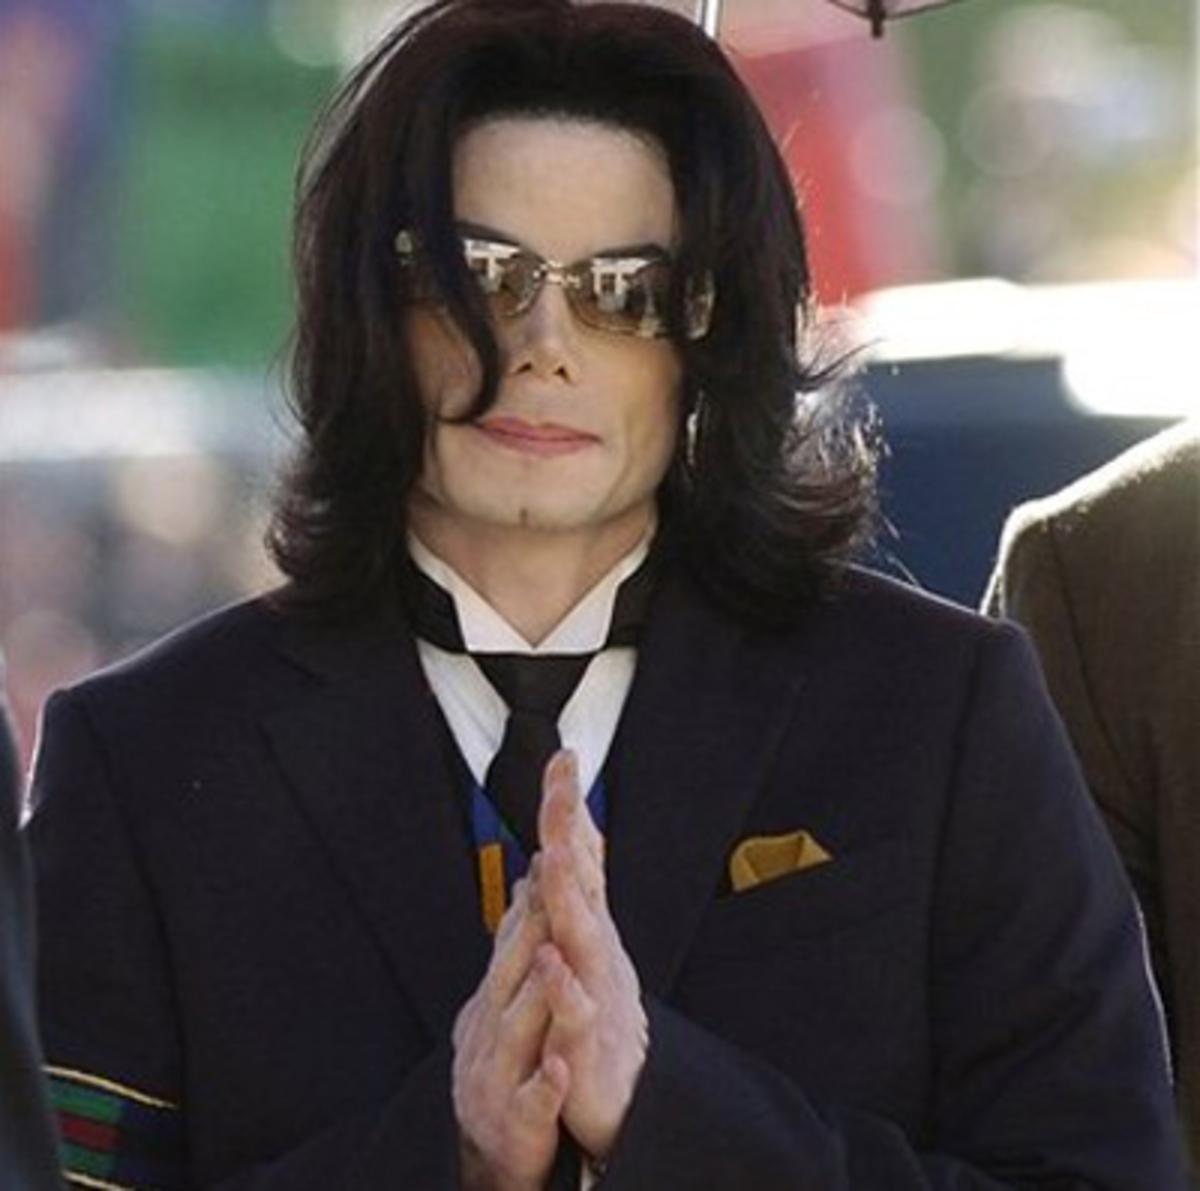 Νέο ακυκλοφόρητο CD του Michael Jackson | Newsit.gr